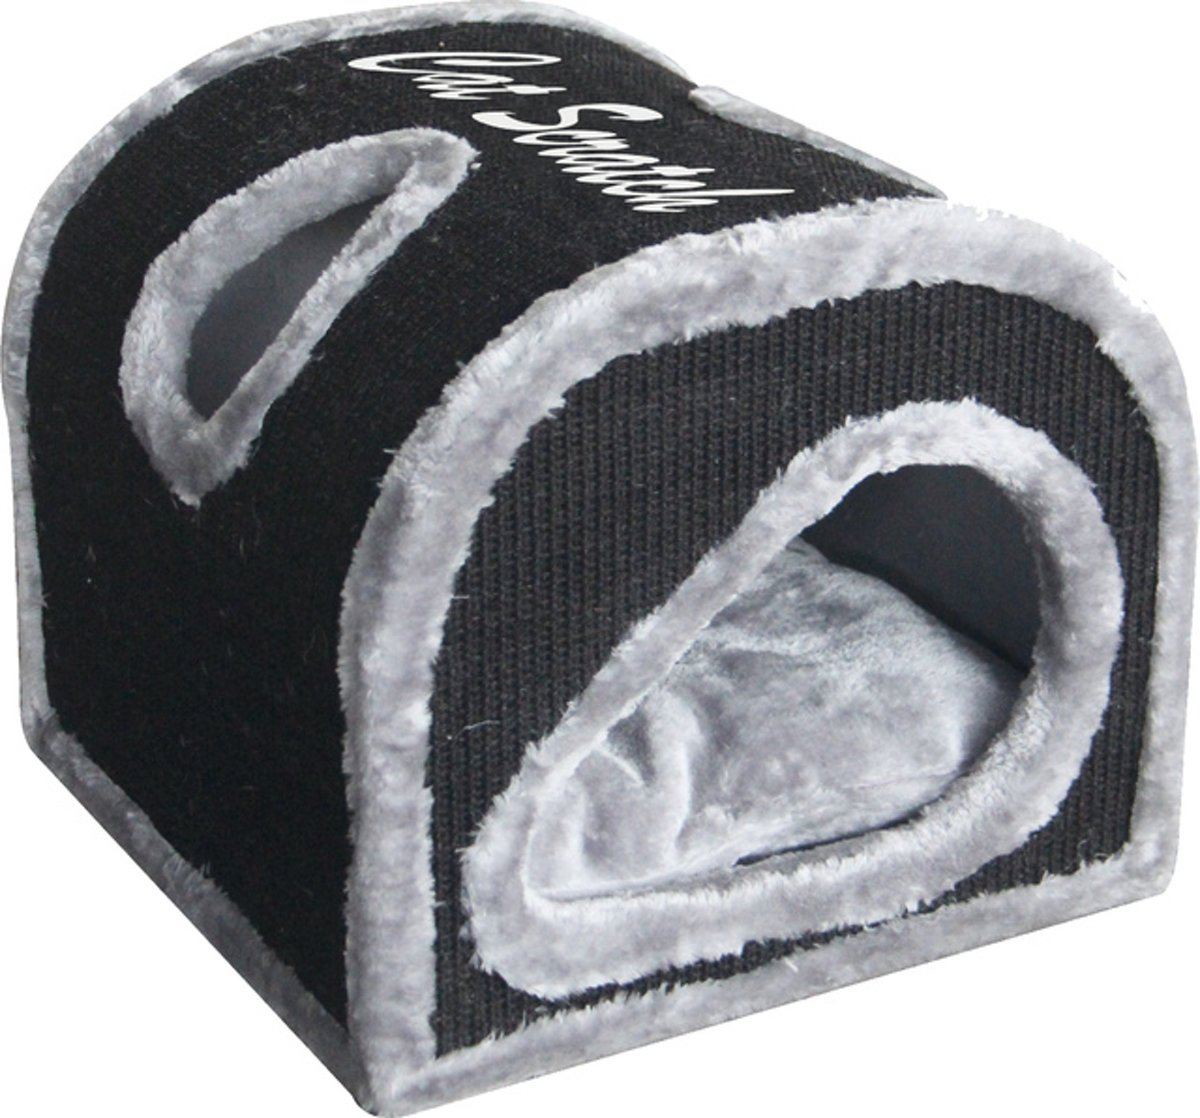 Katten Krabhuis Krabpaal 'Cocoon' 40x40cm, grijs/zwart.